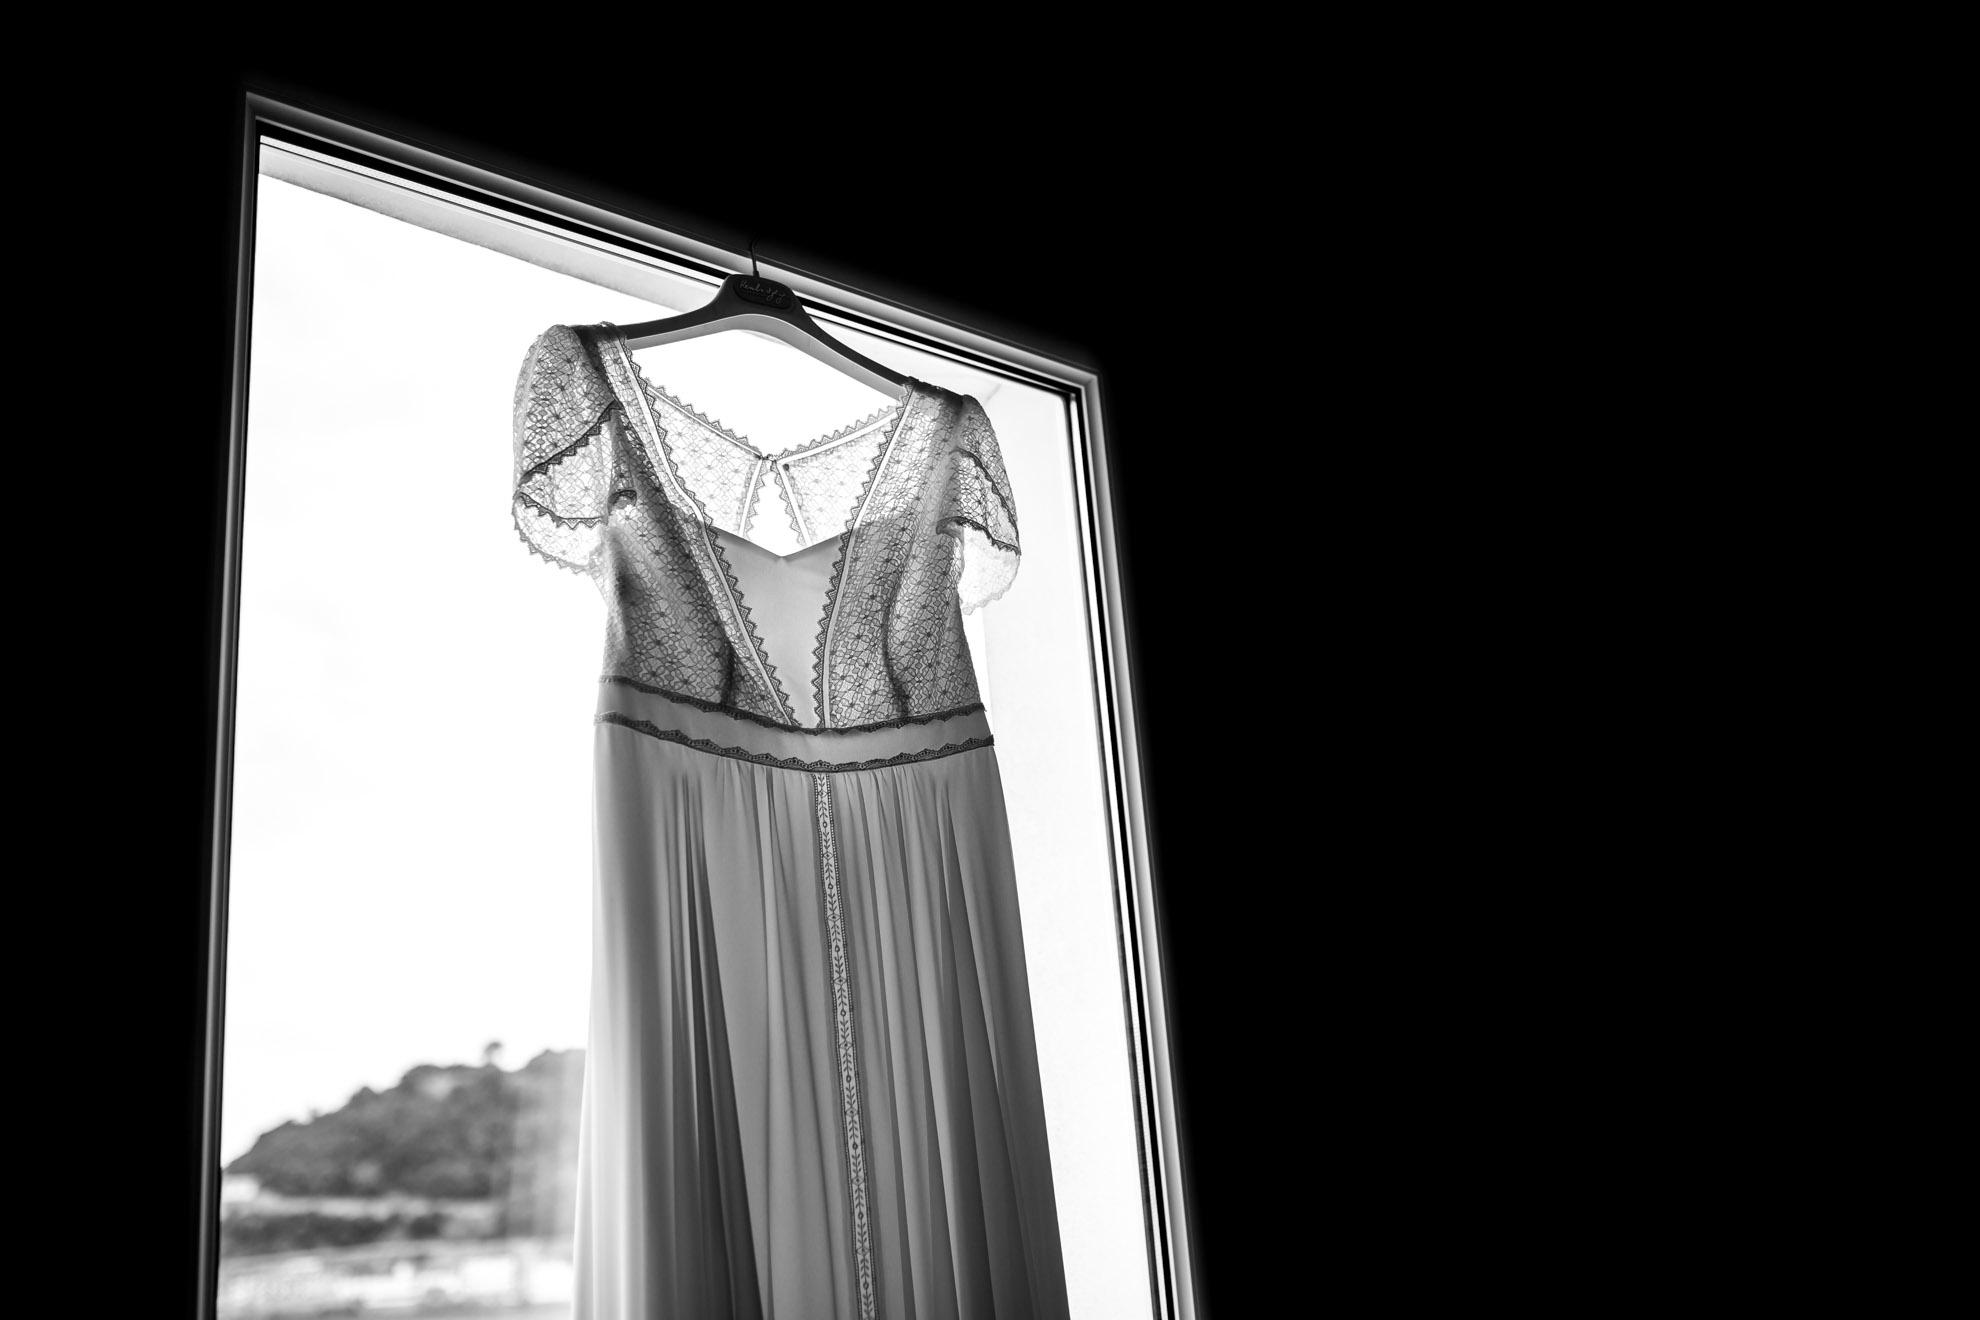 el vestido de la novia colgado en el hotel niza